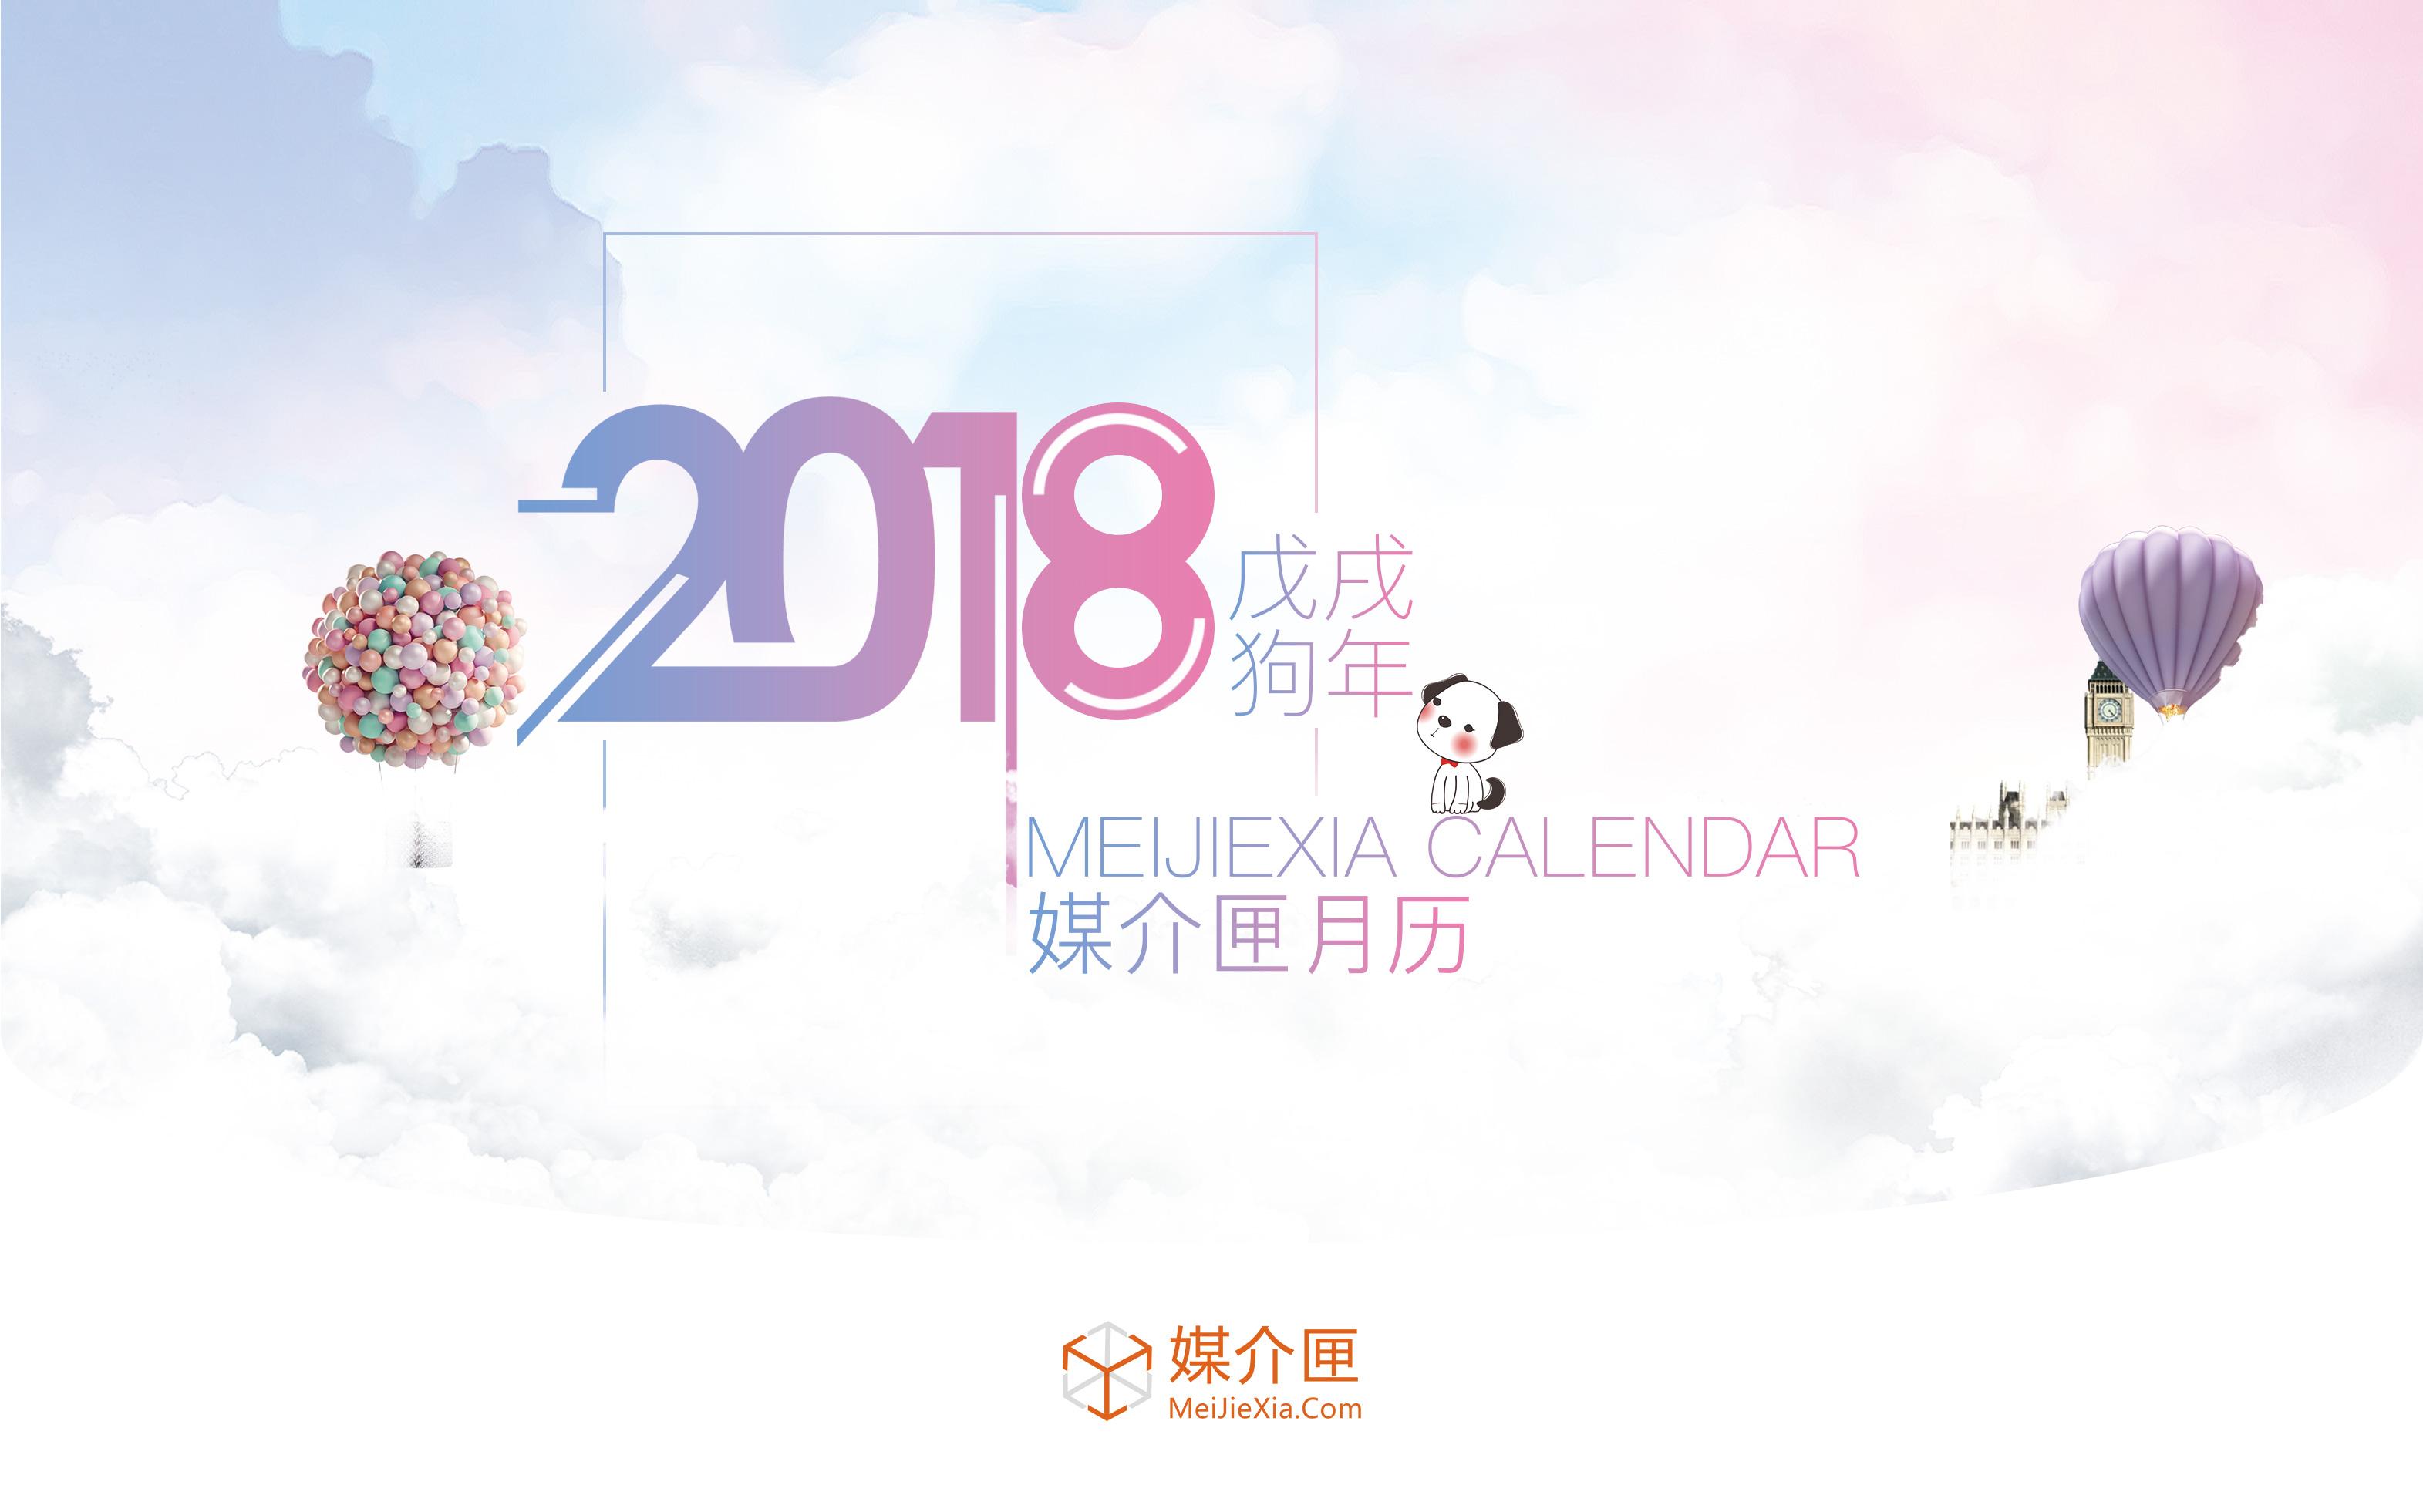 媒介匣推2018年新闻公关月历,免费赠送1000本!